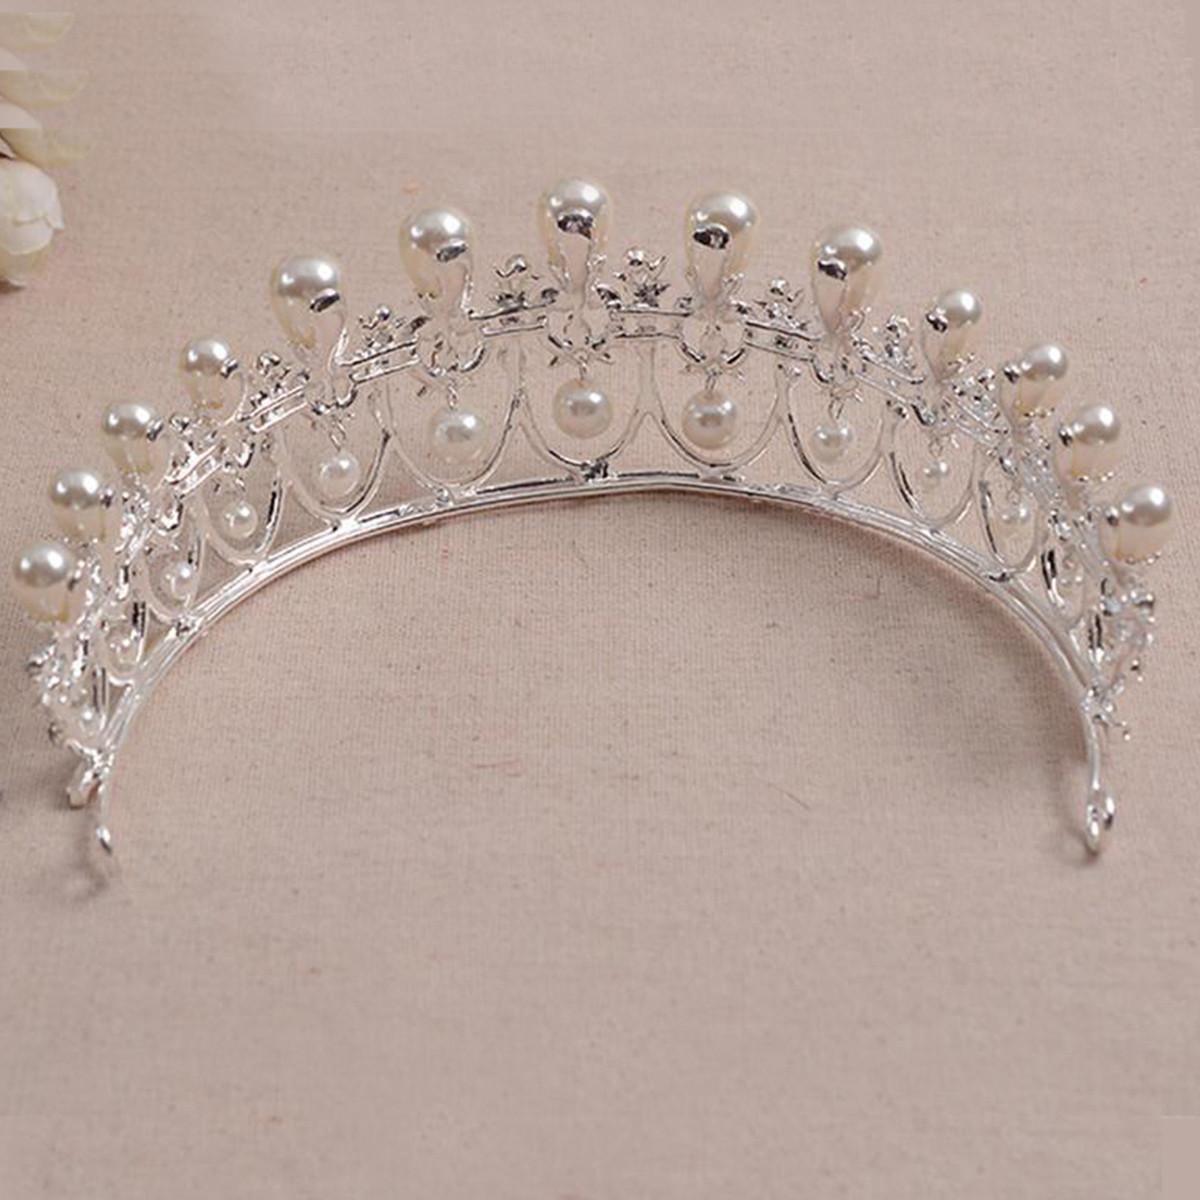 Bride Rhinestone Crystal Pearl Tiara Crown Princess Queen Wedding Bridal Party Prom Headpiece